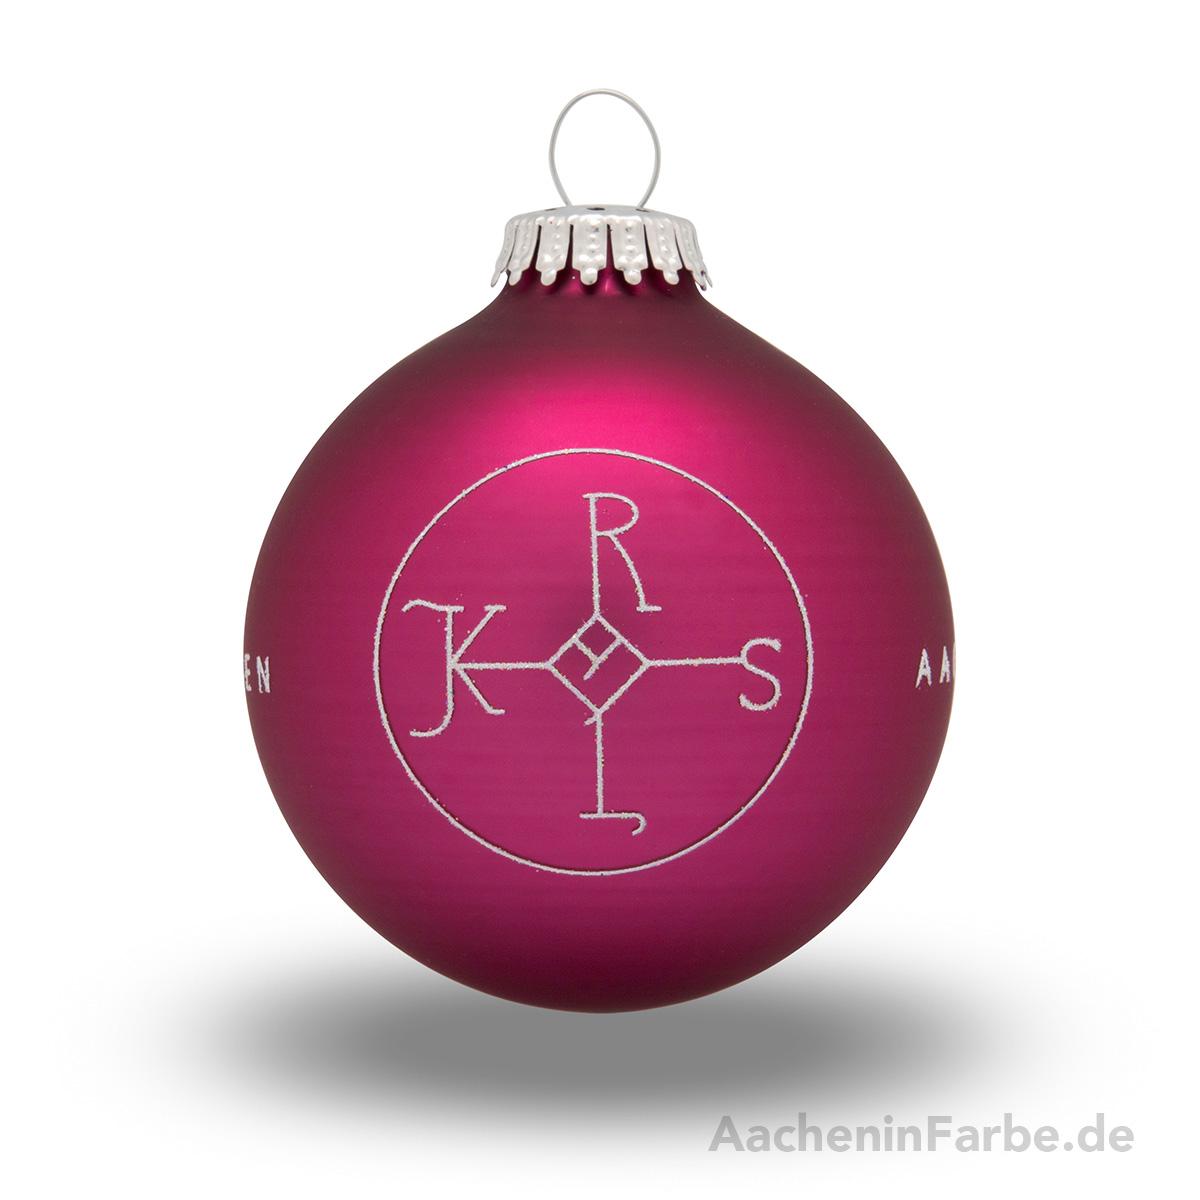 """Christbaumkugel """"Aachen Karlssiegel"""", berry"""